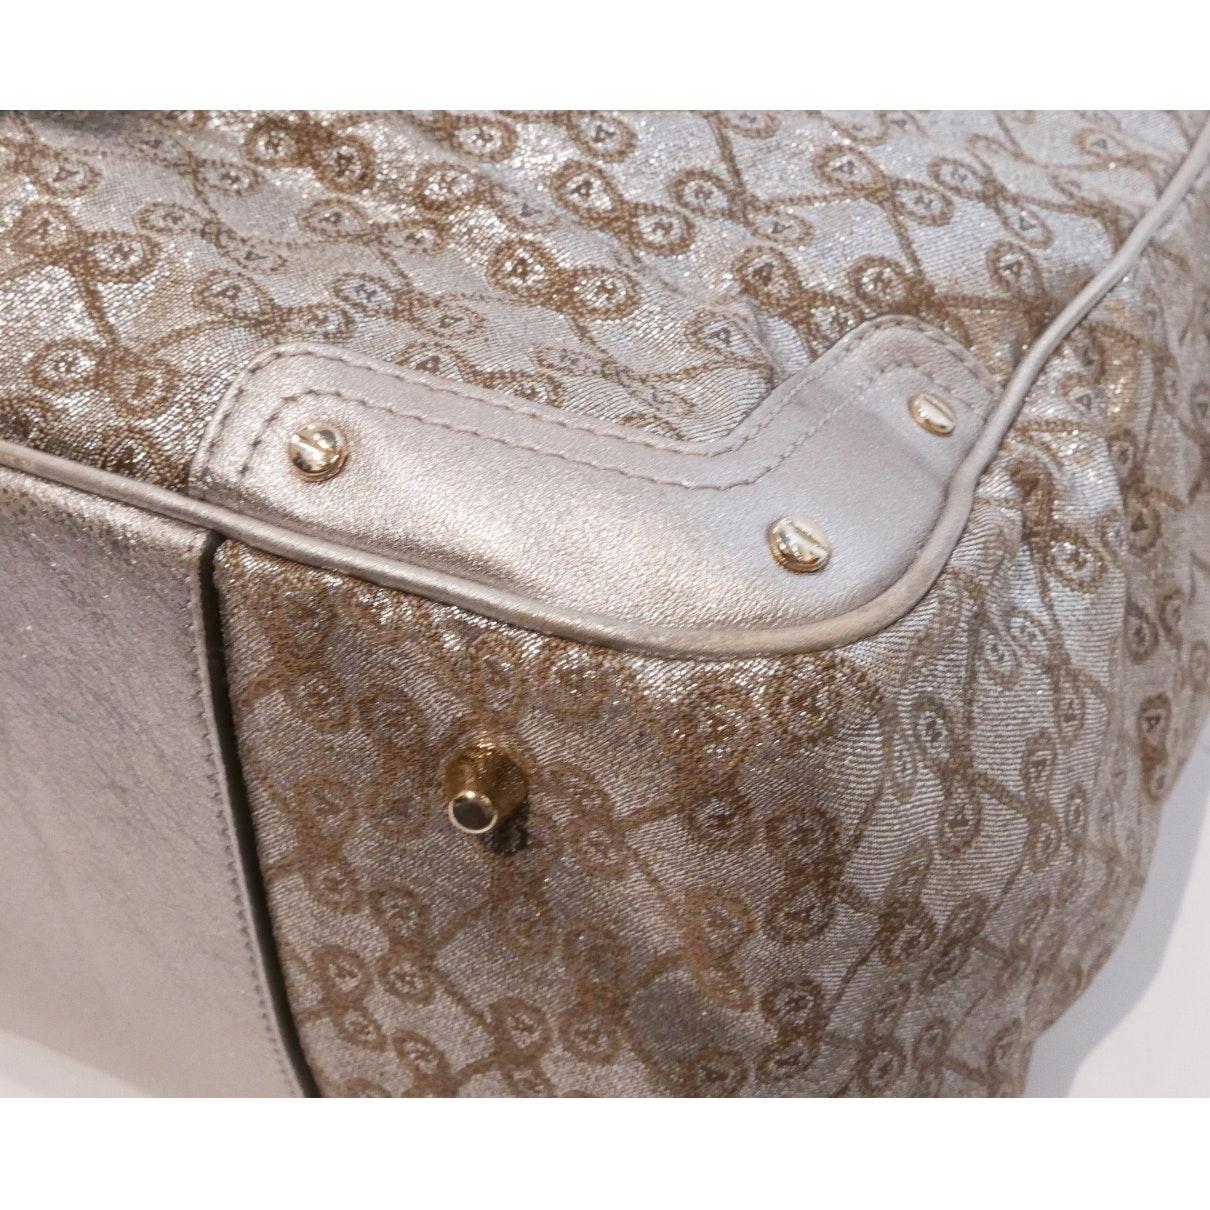 Anya Hindmarch Leinen Handtaschen in Mettallic 5C9Pe